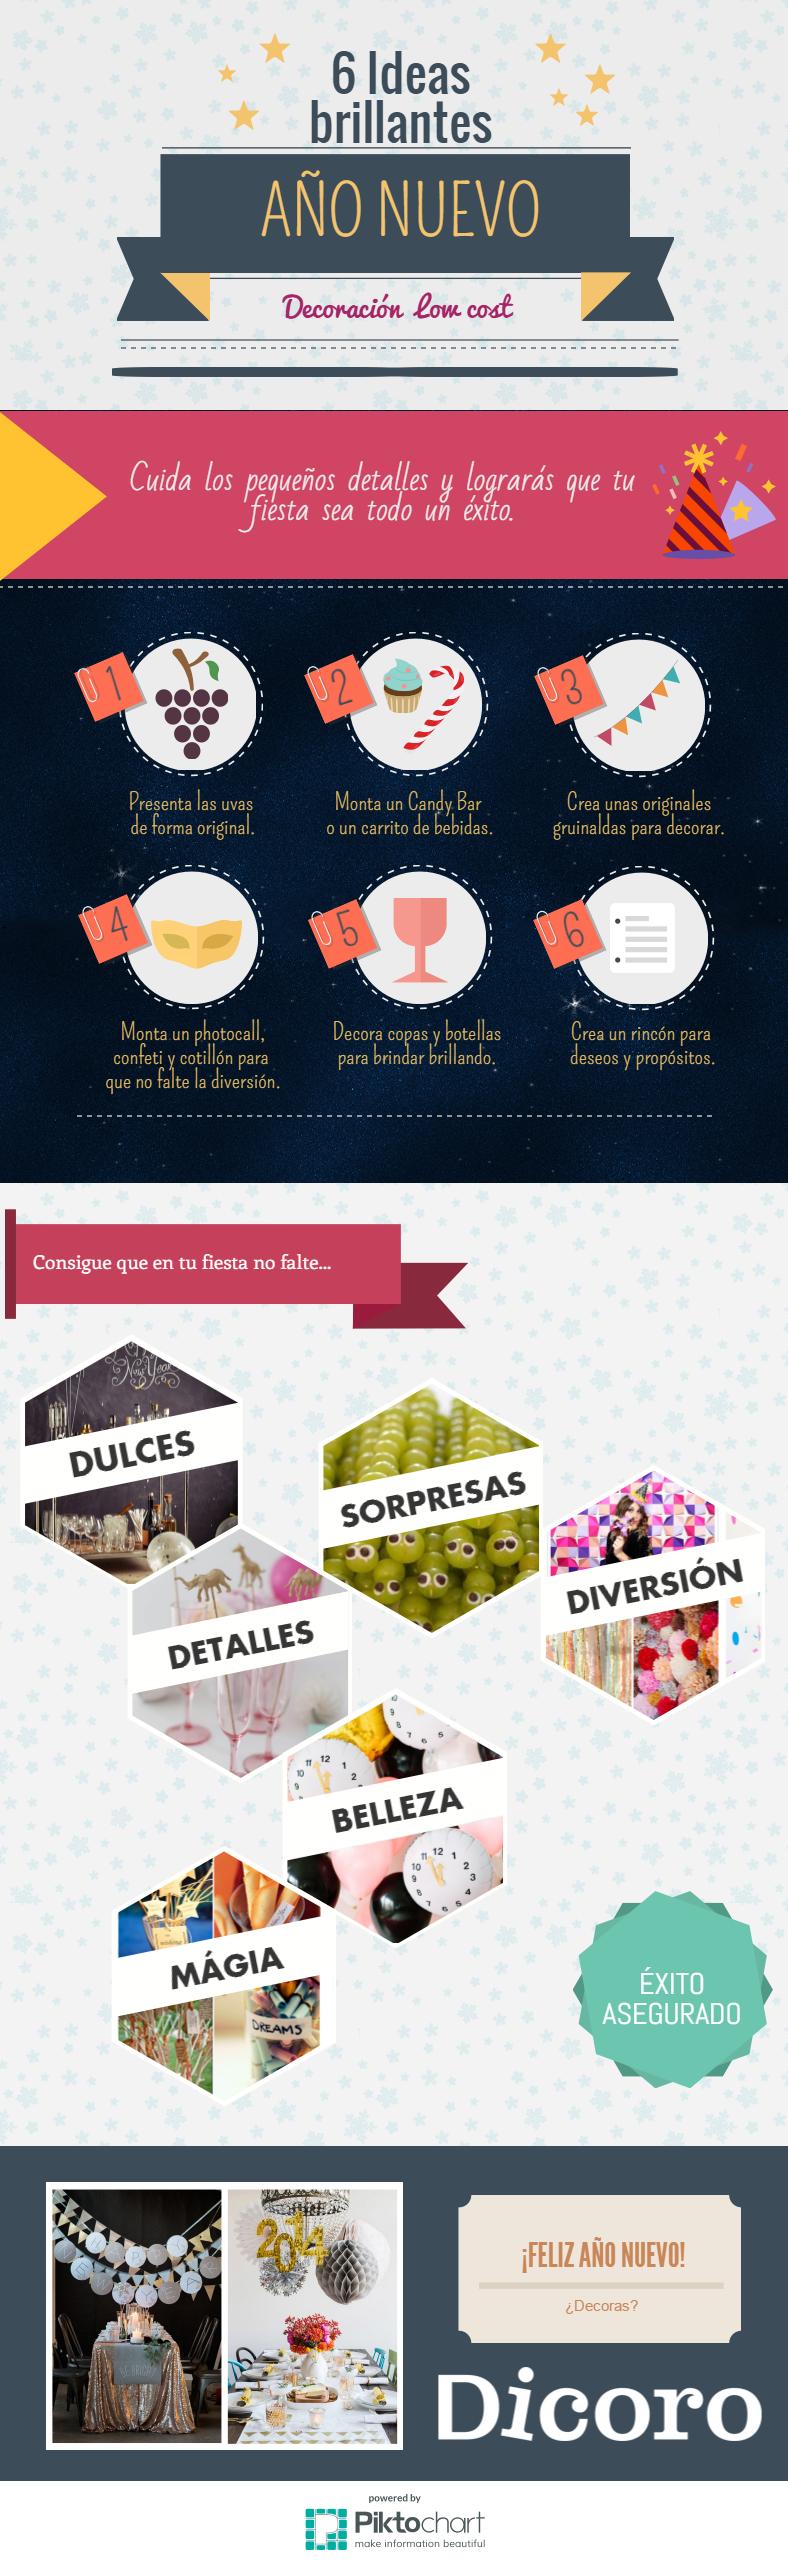 decoración para año nuevo low cost navideña - infografía Dicoro